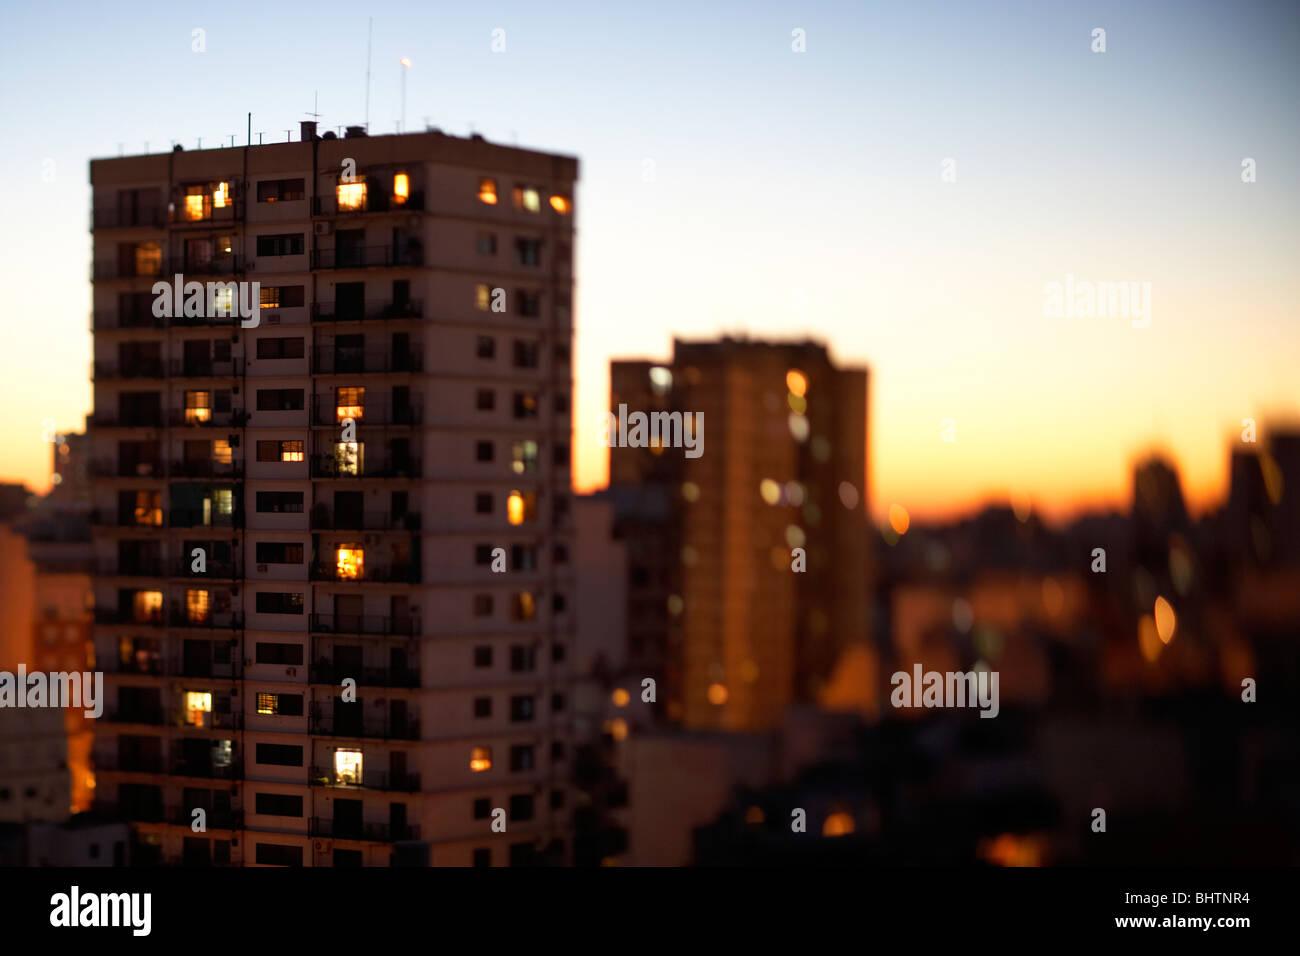 Bloque de apartamentos torre en la noche buenos aires argentina tomada con cambio de inclinación de lente enfoque Foto de stock